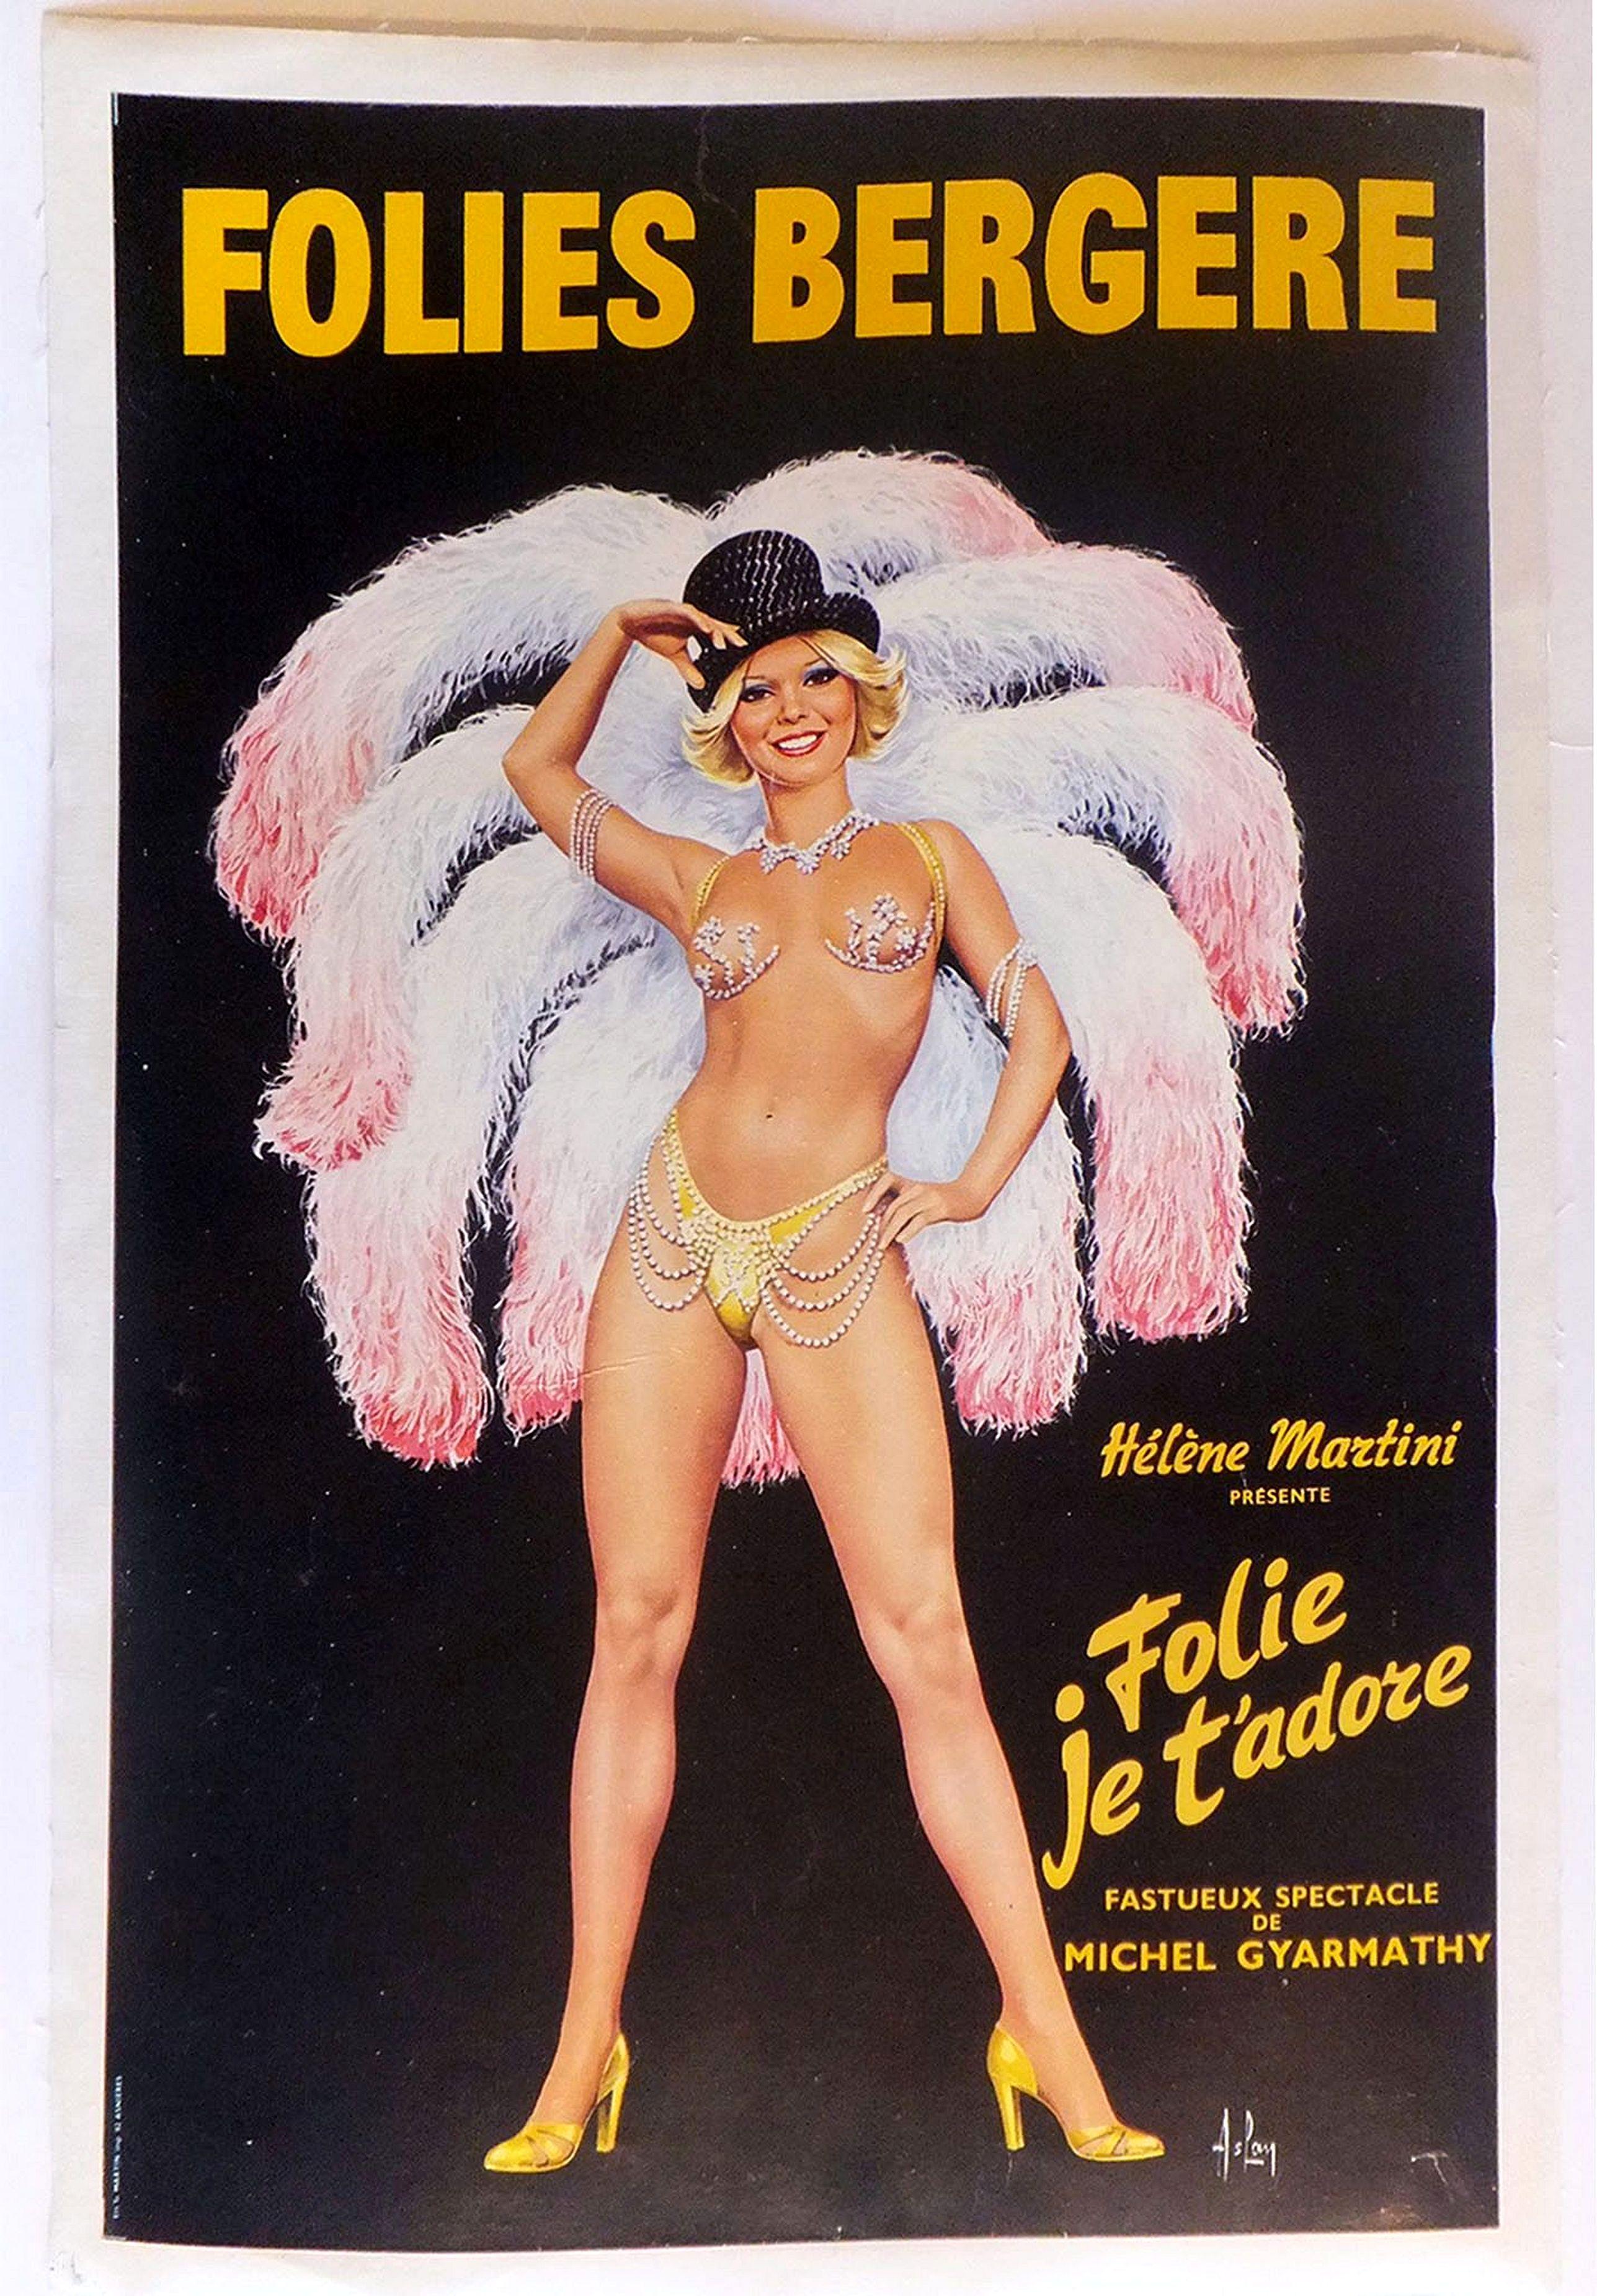 ASLAN. -  Folies Bergère - Hélène Martini présente Folie je t'adore. . .